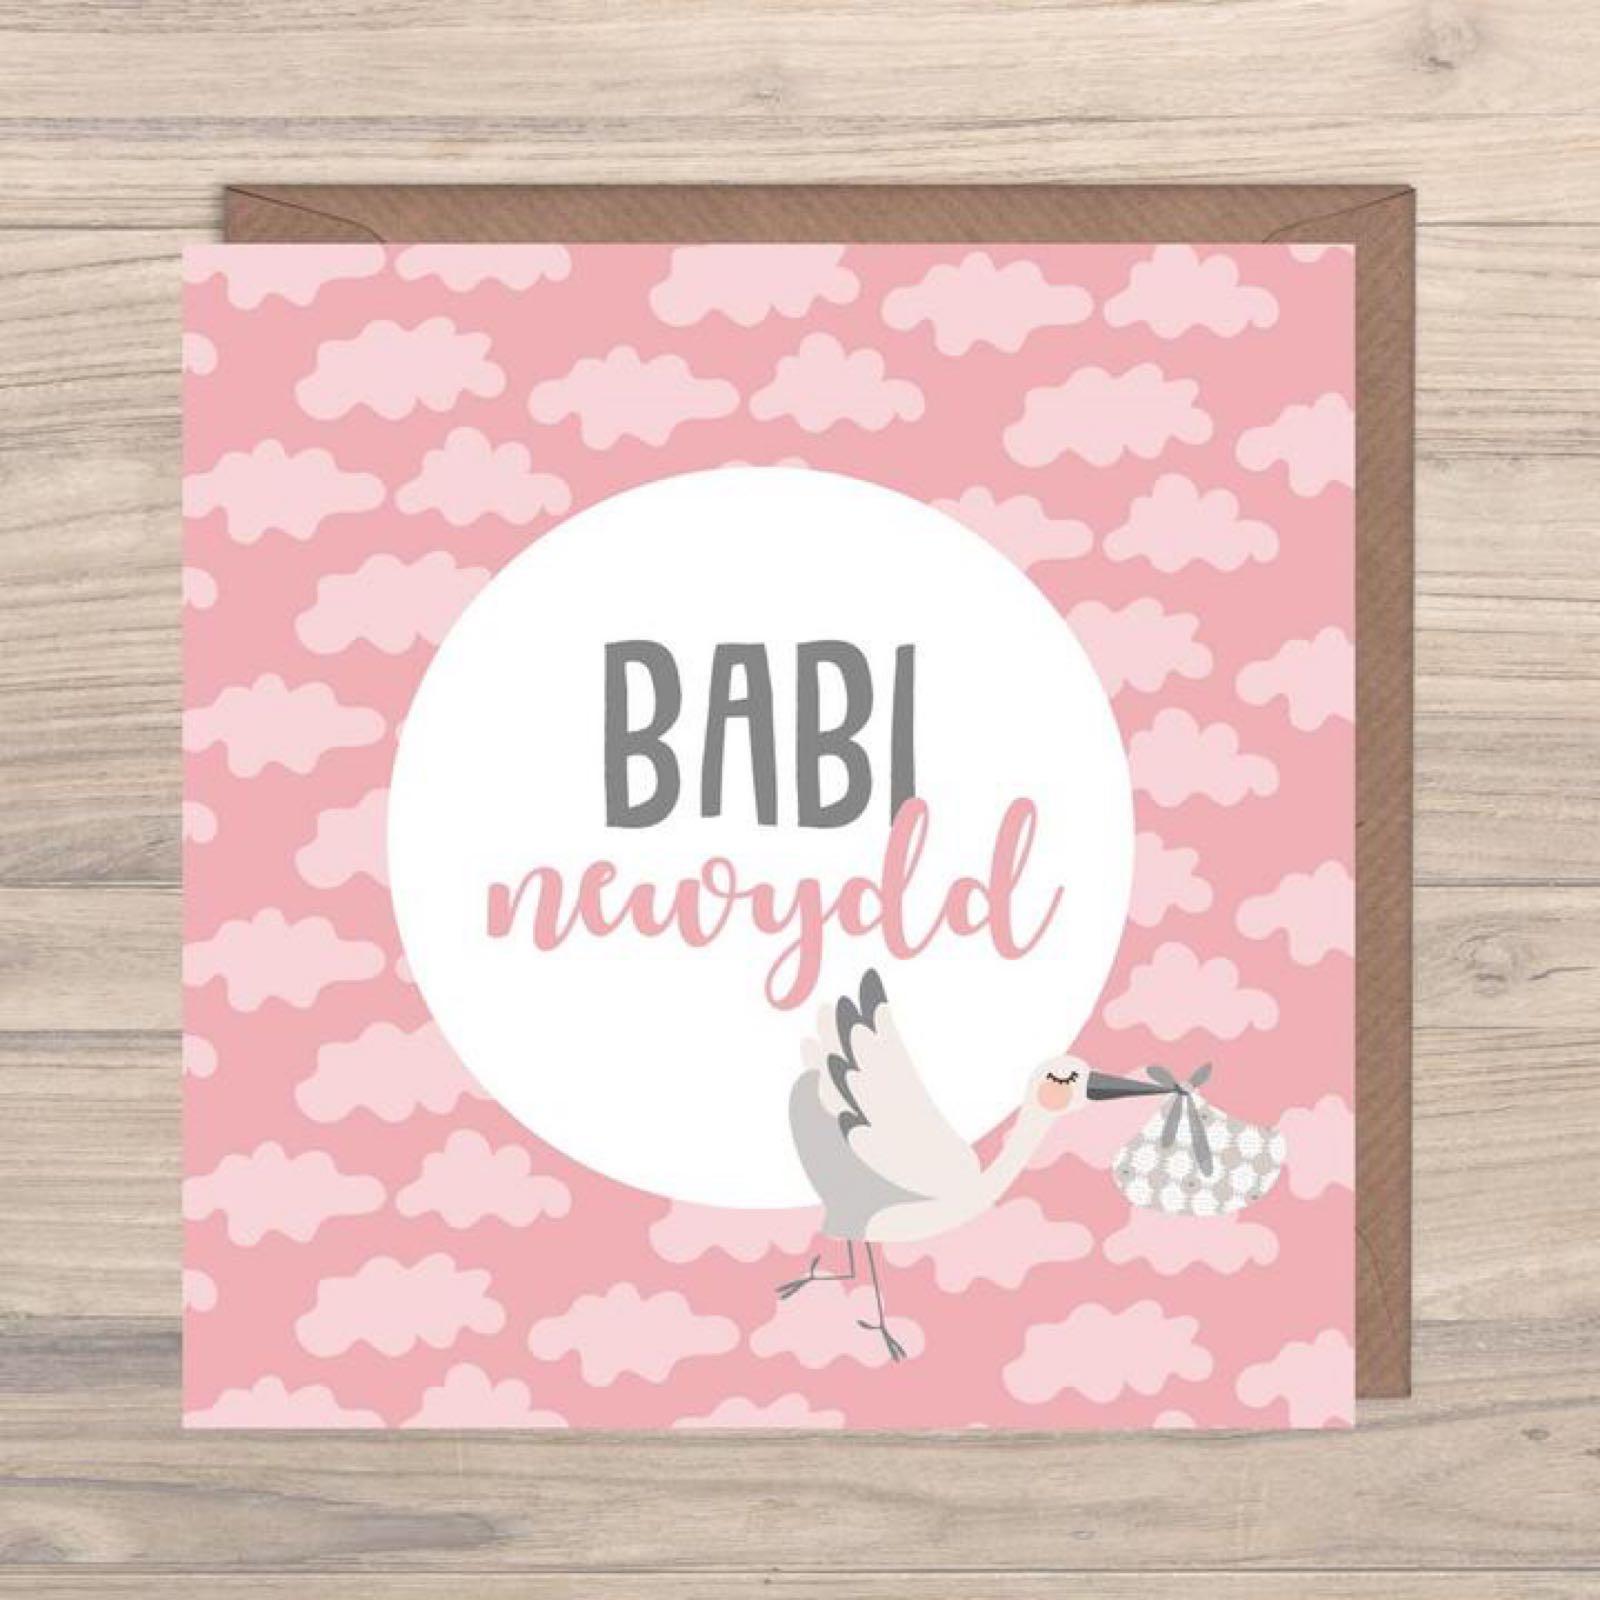 Babi Newydd Pink (MR_010)